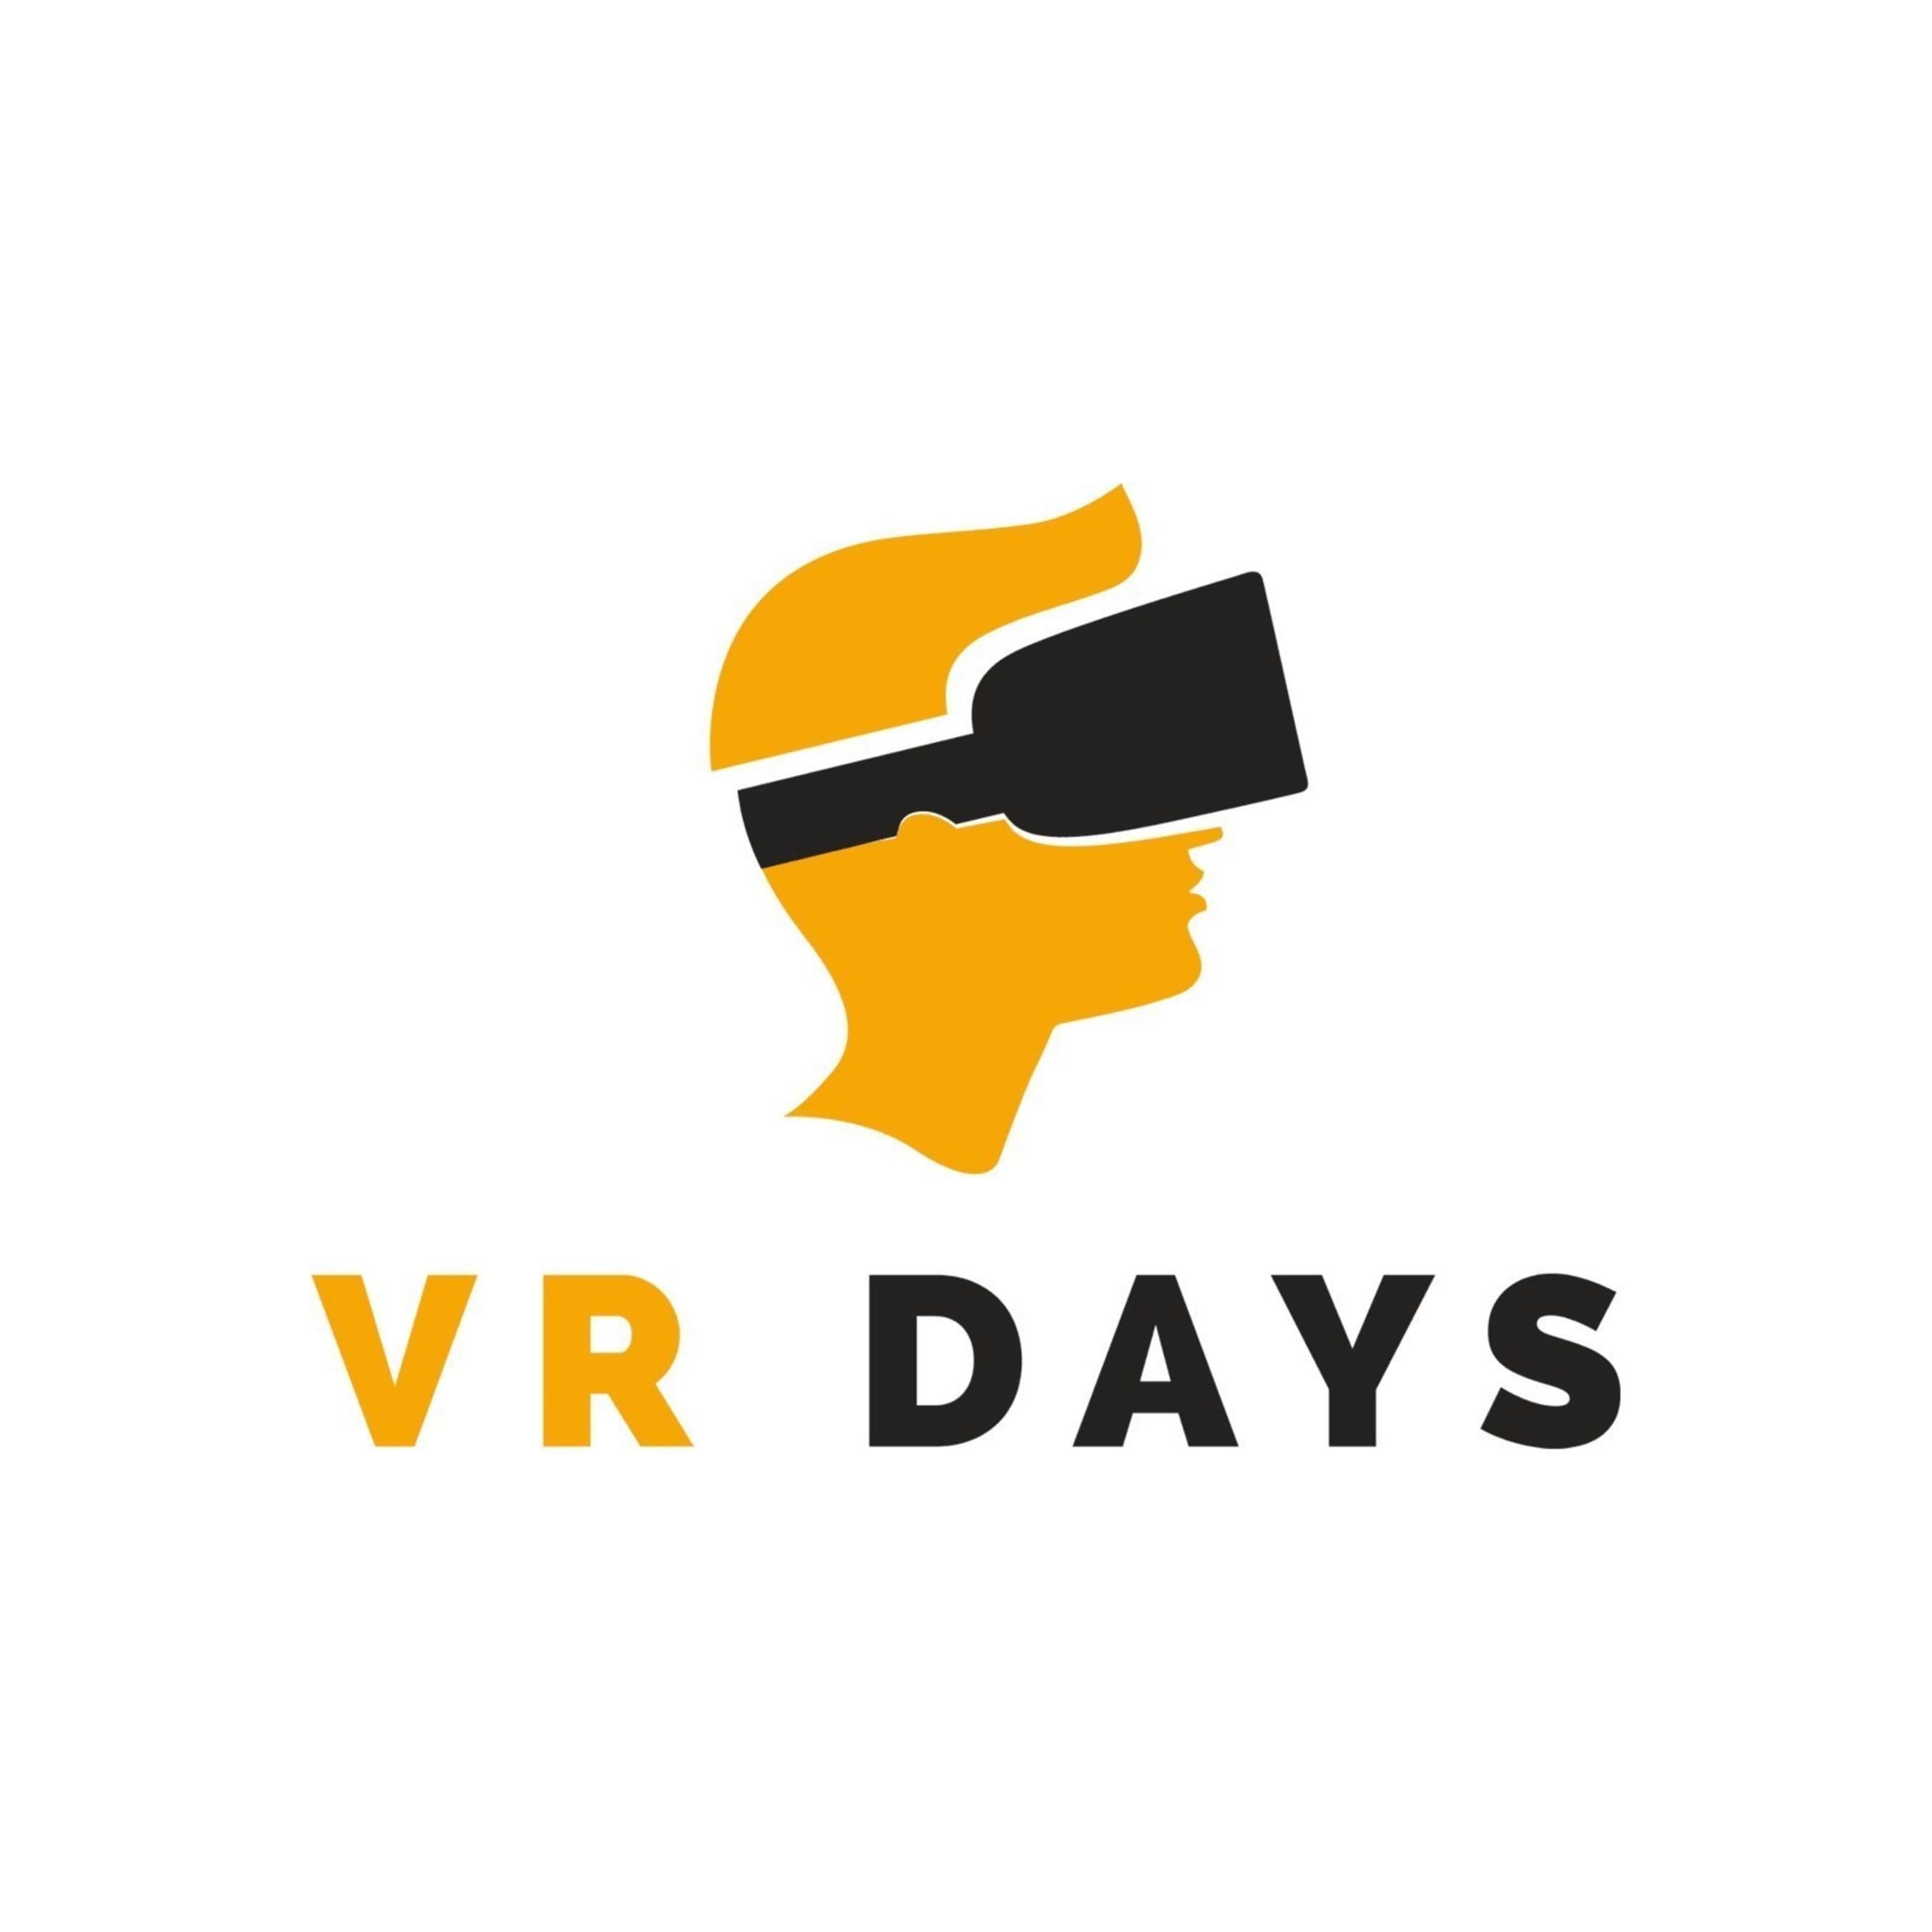 VR Days